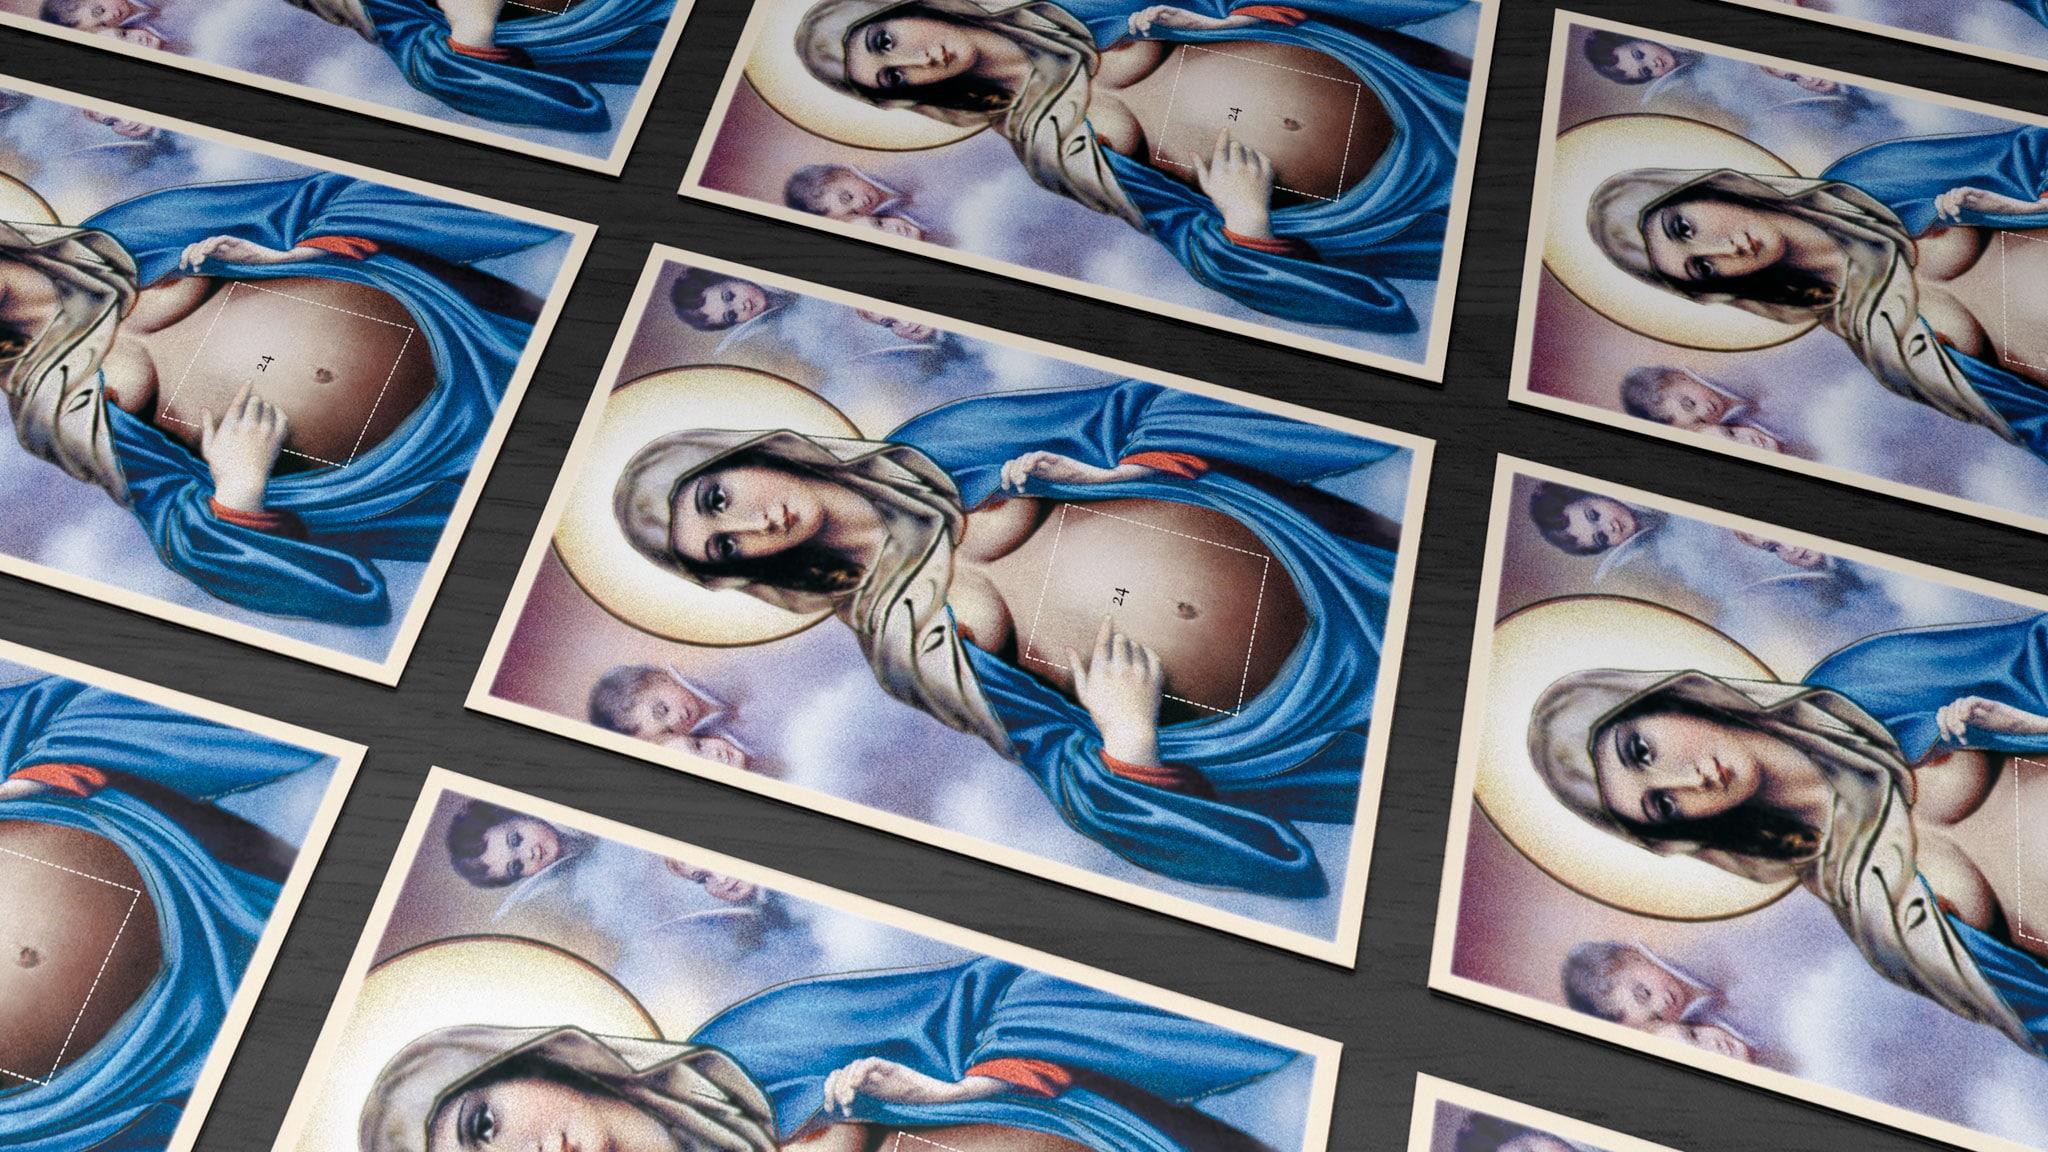 Postkartengestaltung der schwangeren Maria